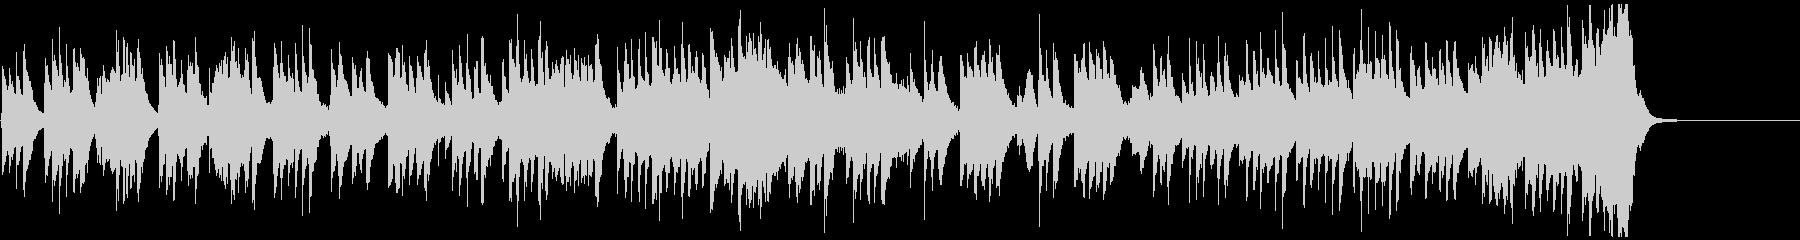 琴の音色がゆったりと和む、壮大な和風曲の未再生の波形